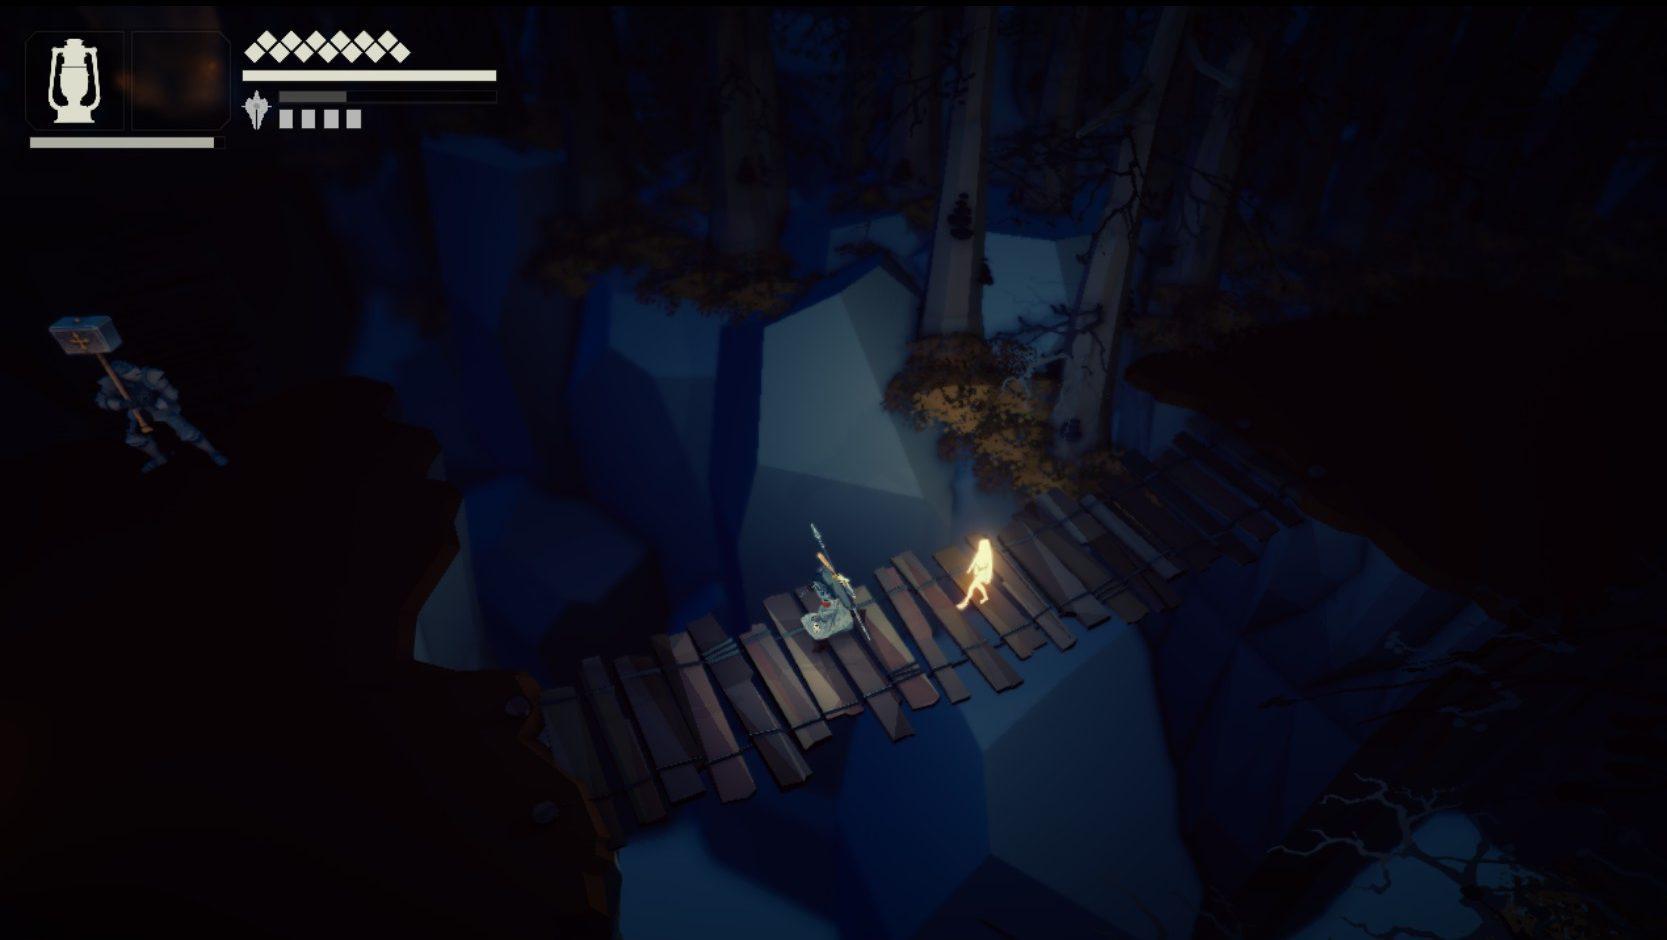 Imagem conceitual do jogo indie italiano Fall of Light, do estúdio RuneHeads. O jogo é inspirado em Dark Souls e Ico. Nyx e Aether cruzam uma ponte de madeira, com uma lanterna em mãos.